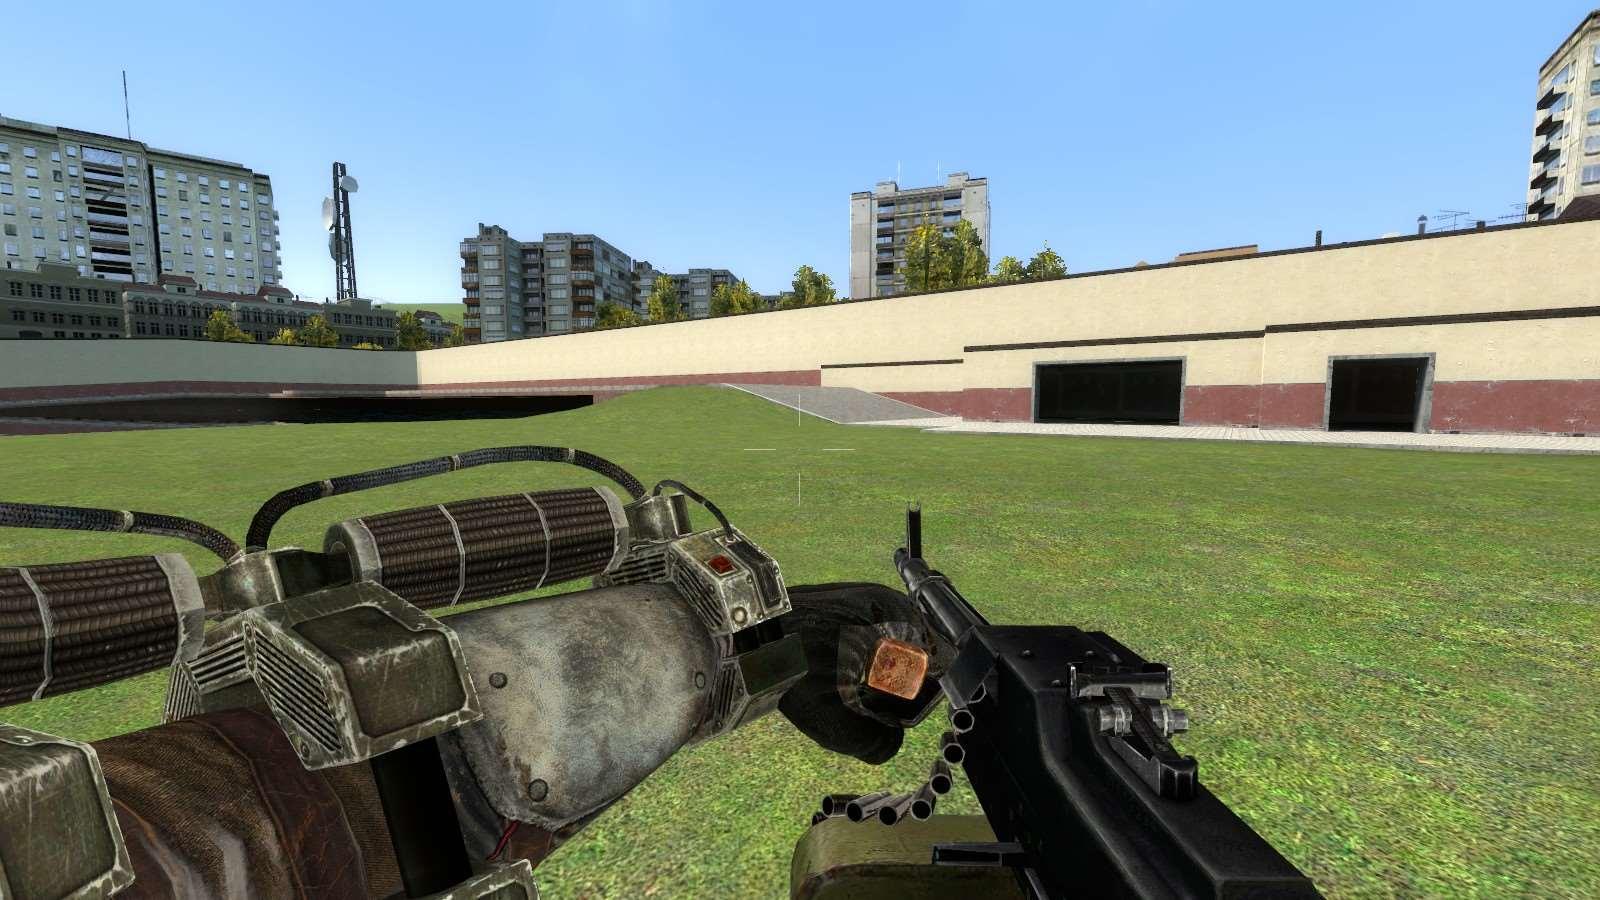 Garrys Mod - S.T.A.L.K.E.R. Call of Pripyat SWEPs - Оружие - Garrys ... d6da92f6aa1